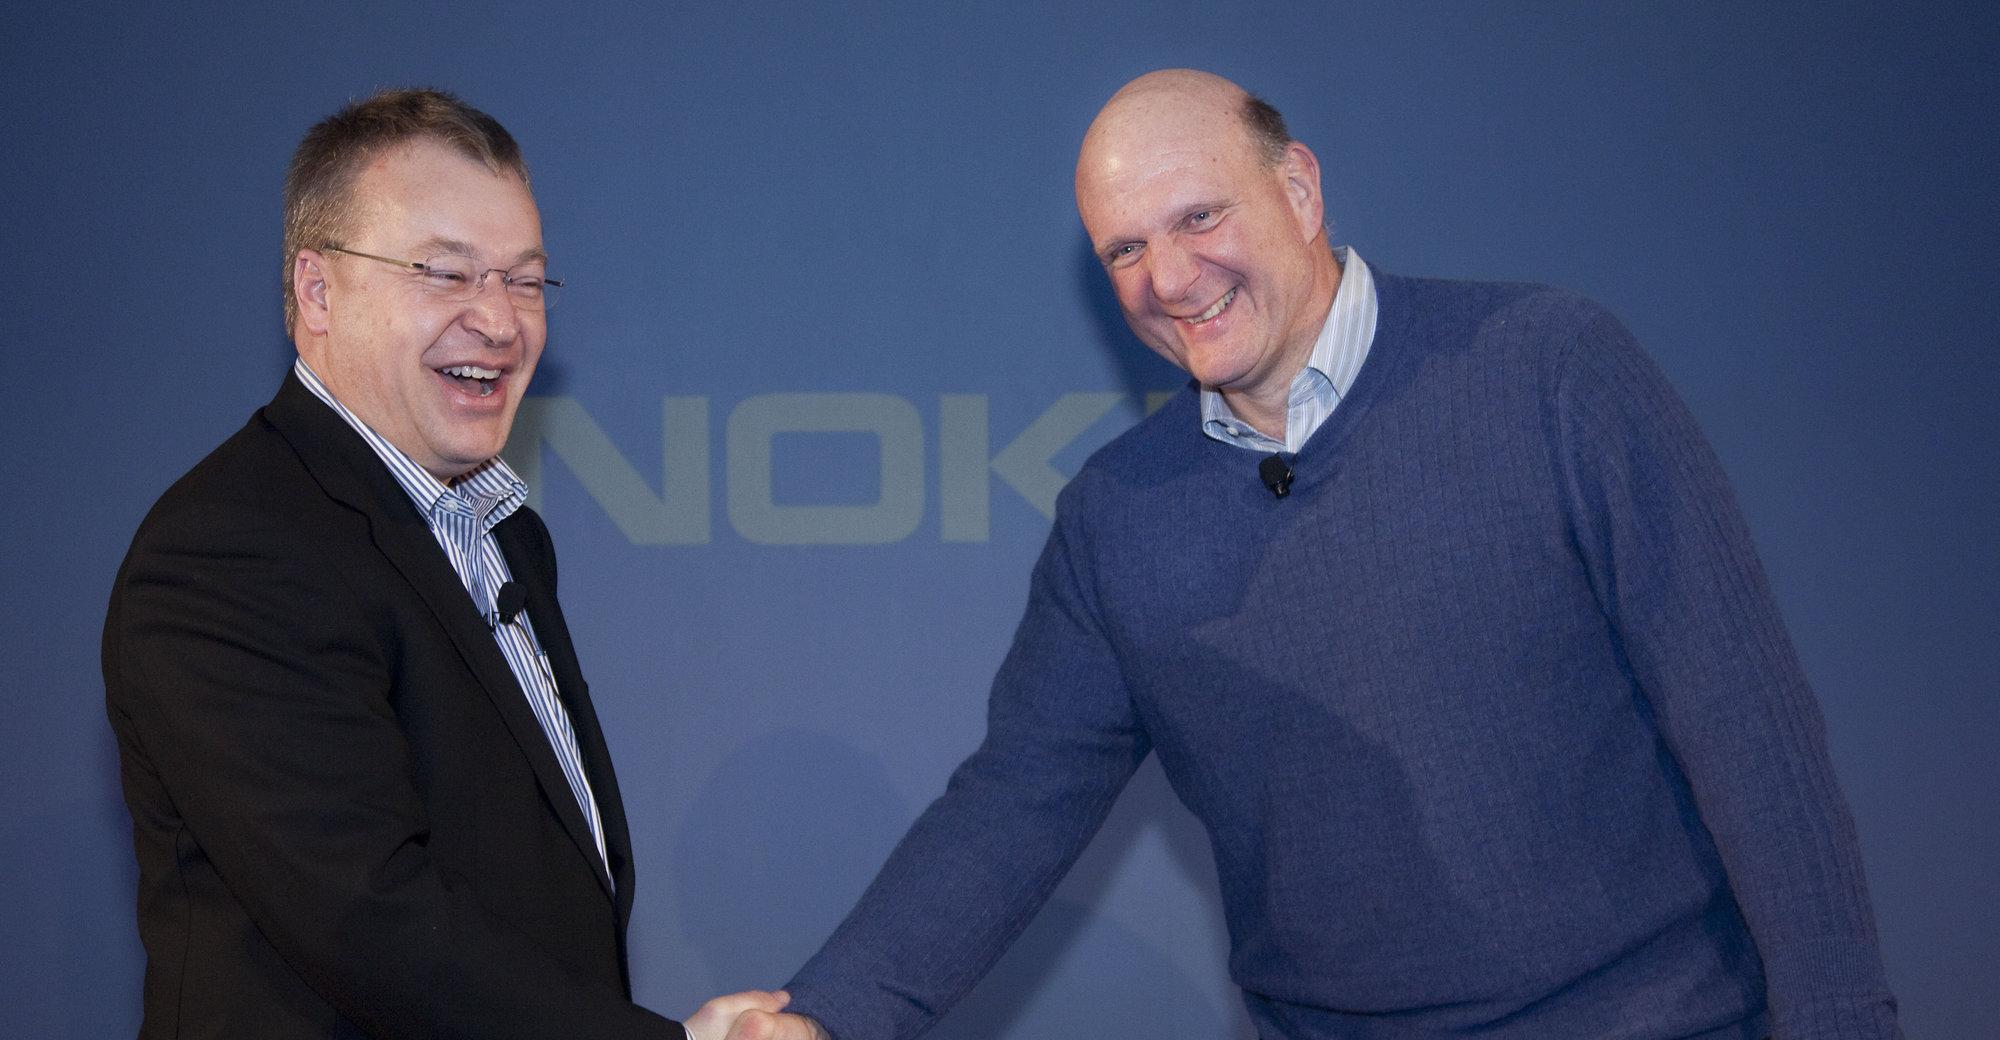 Elop og Ballmer er nok gode venner, Elop har nemlig tidligere jobbet for Microsoft. Nå er han Nokia-sjef og bruker Ballmers OS Windows Phone i sine nye mobiler.